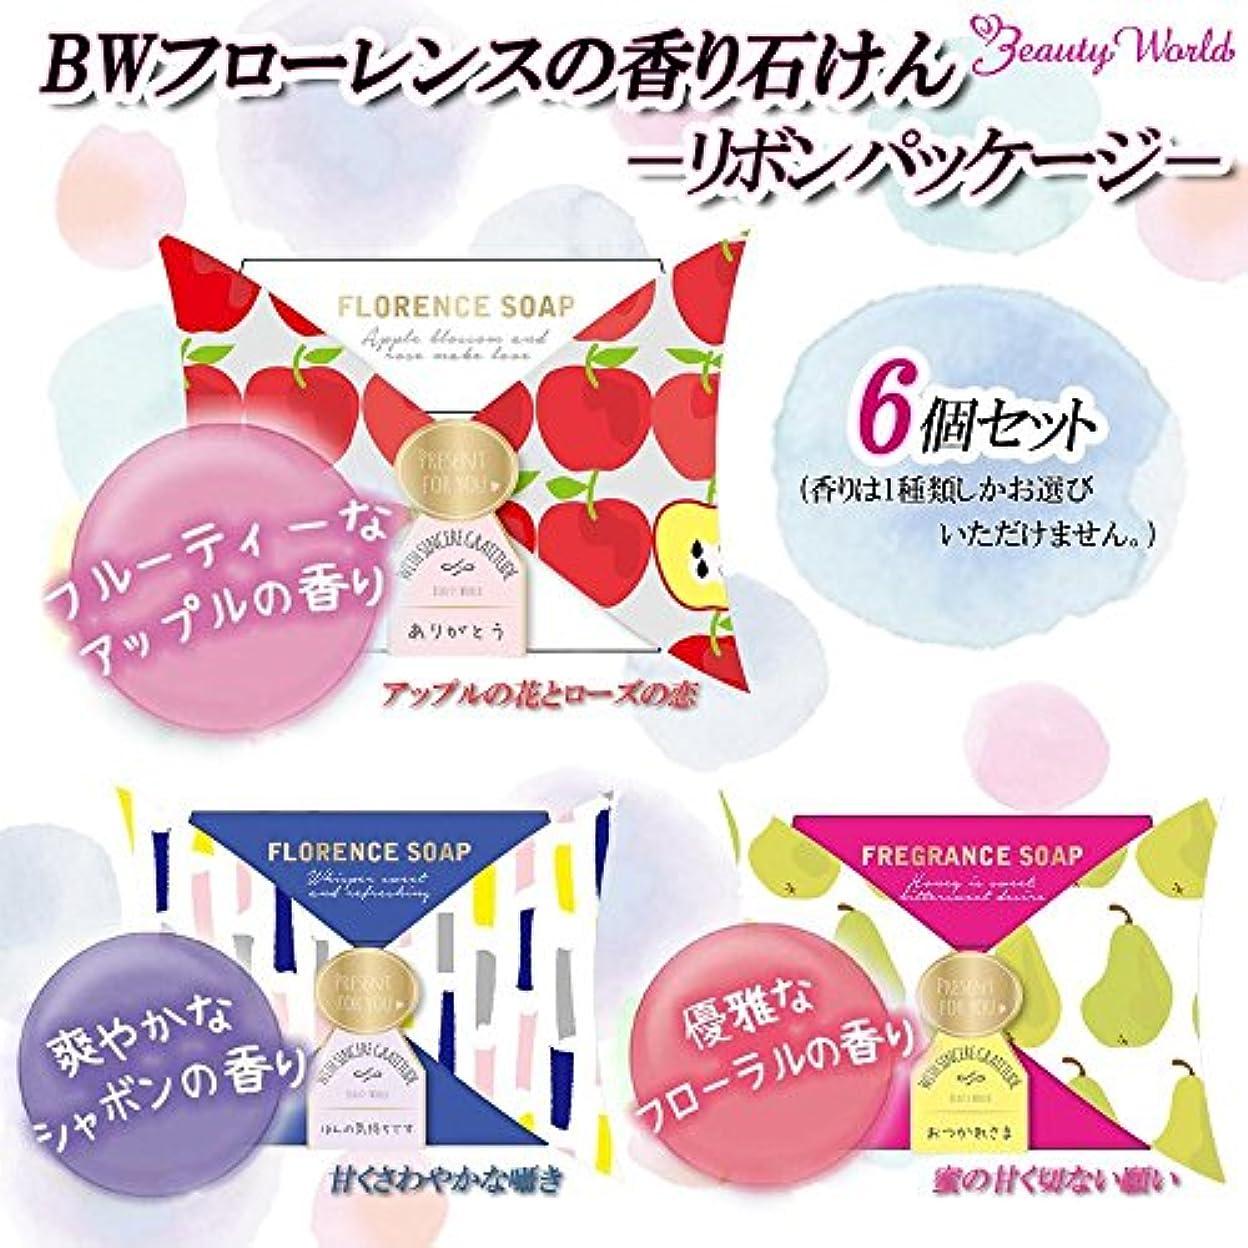 め言葉従者マトリックスビューティーワールド BWフローレンスの香り石けん リボンパッケージ 6個セット ■3種類の内「FSP385?甘くさわやかな囁き」を1点のみです